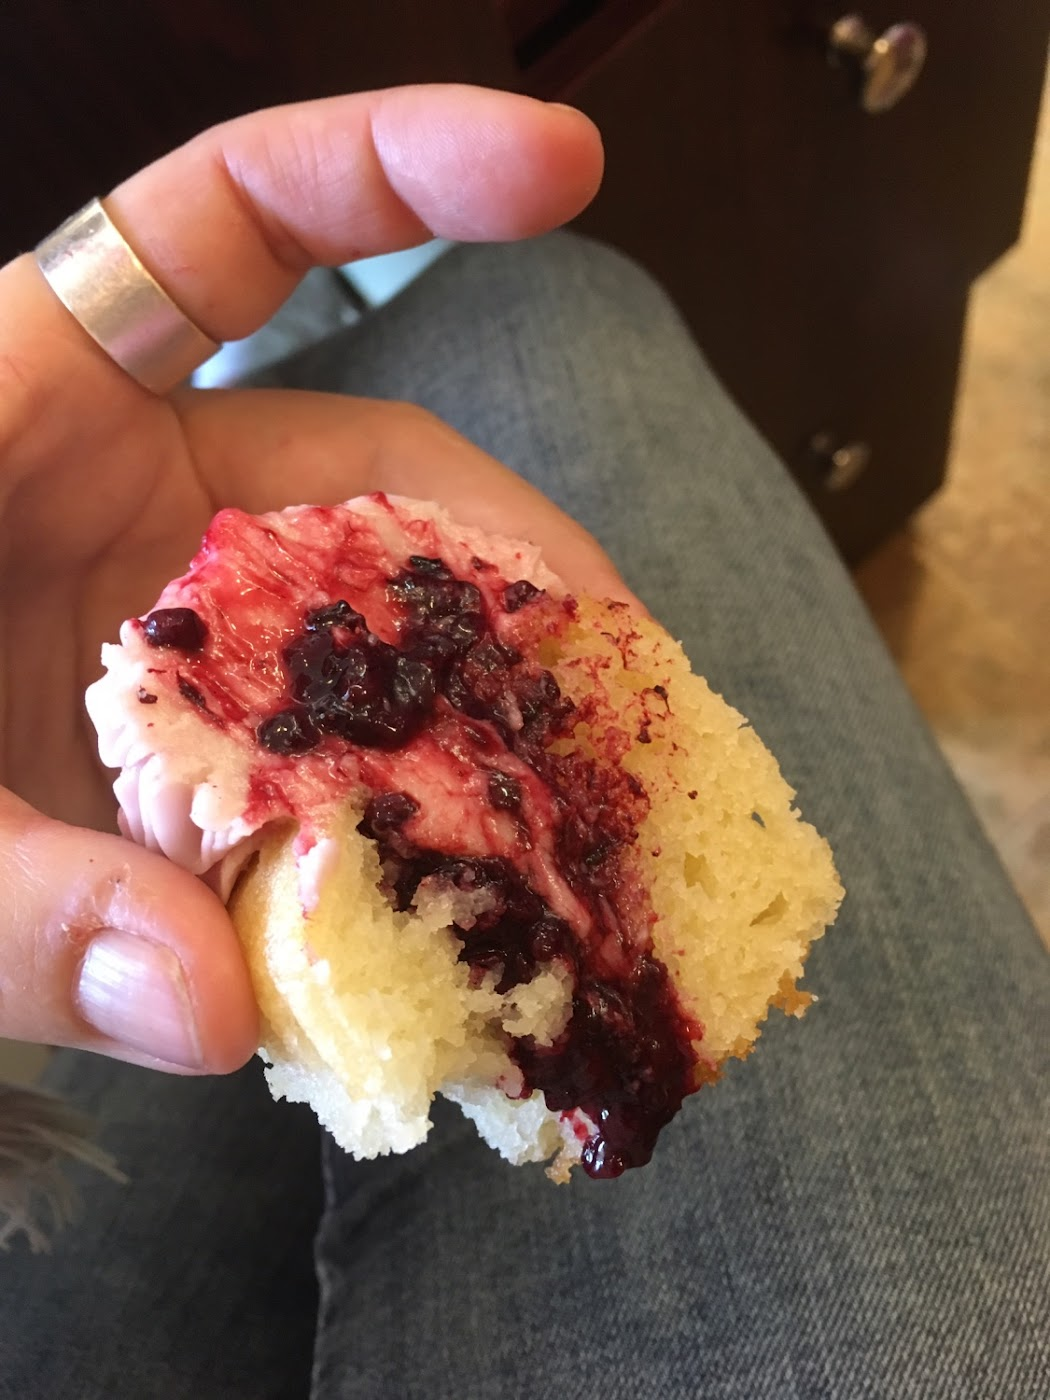 Sugar Cubed Cakes Gluten Free - Gresham - 2020